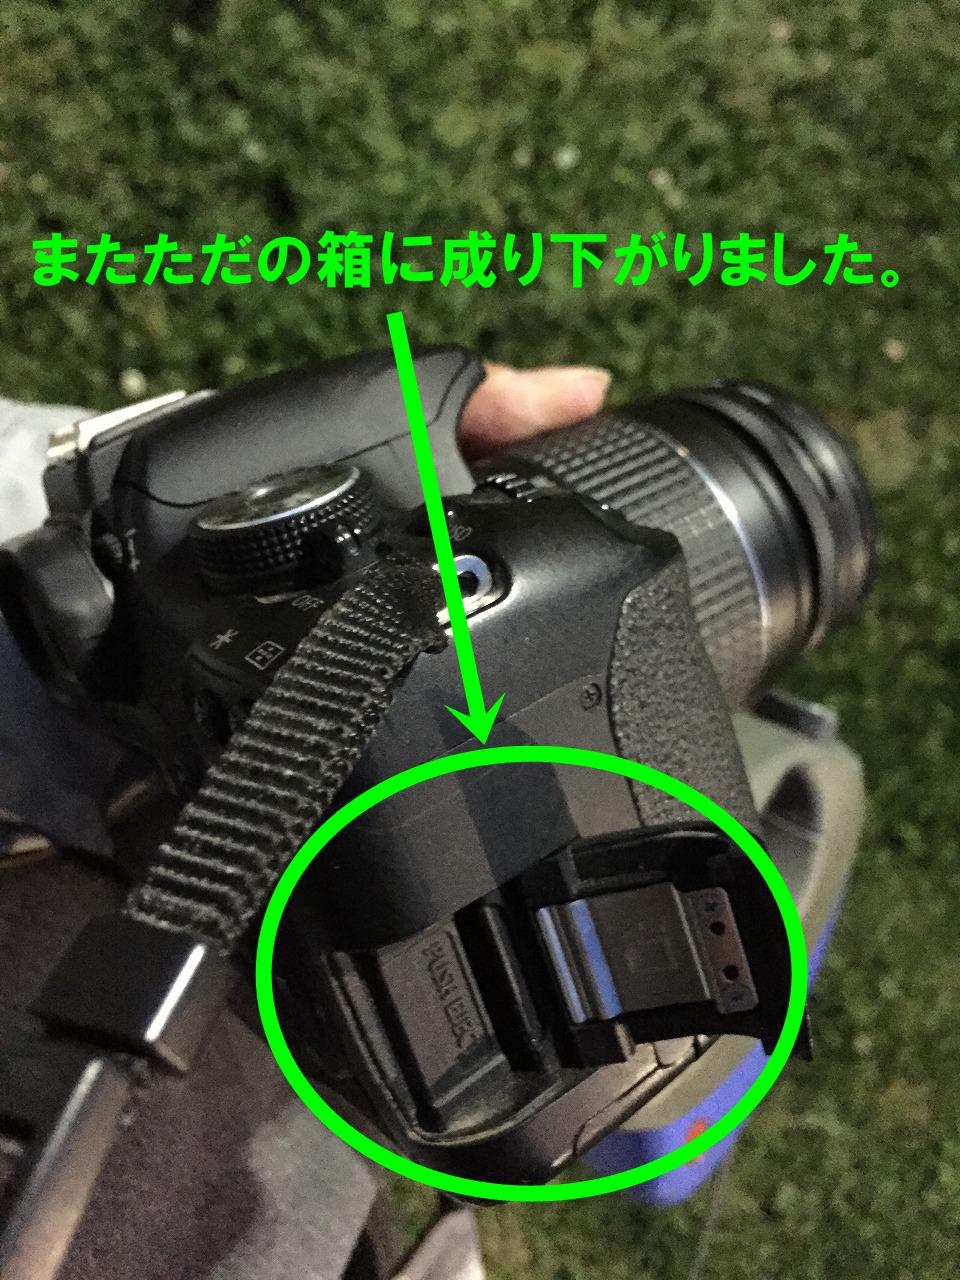 6z-010_201504302011021ab.jpg